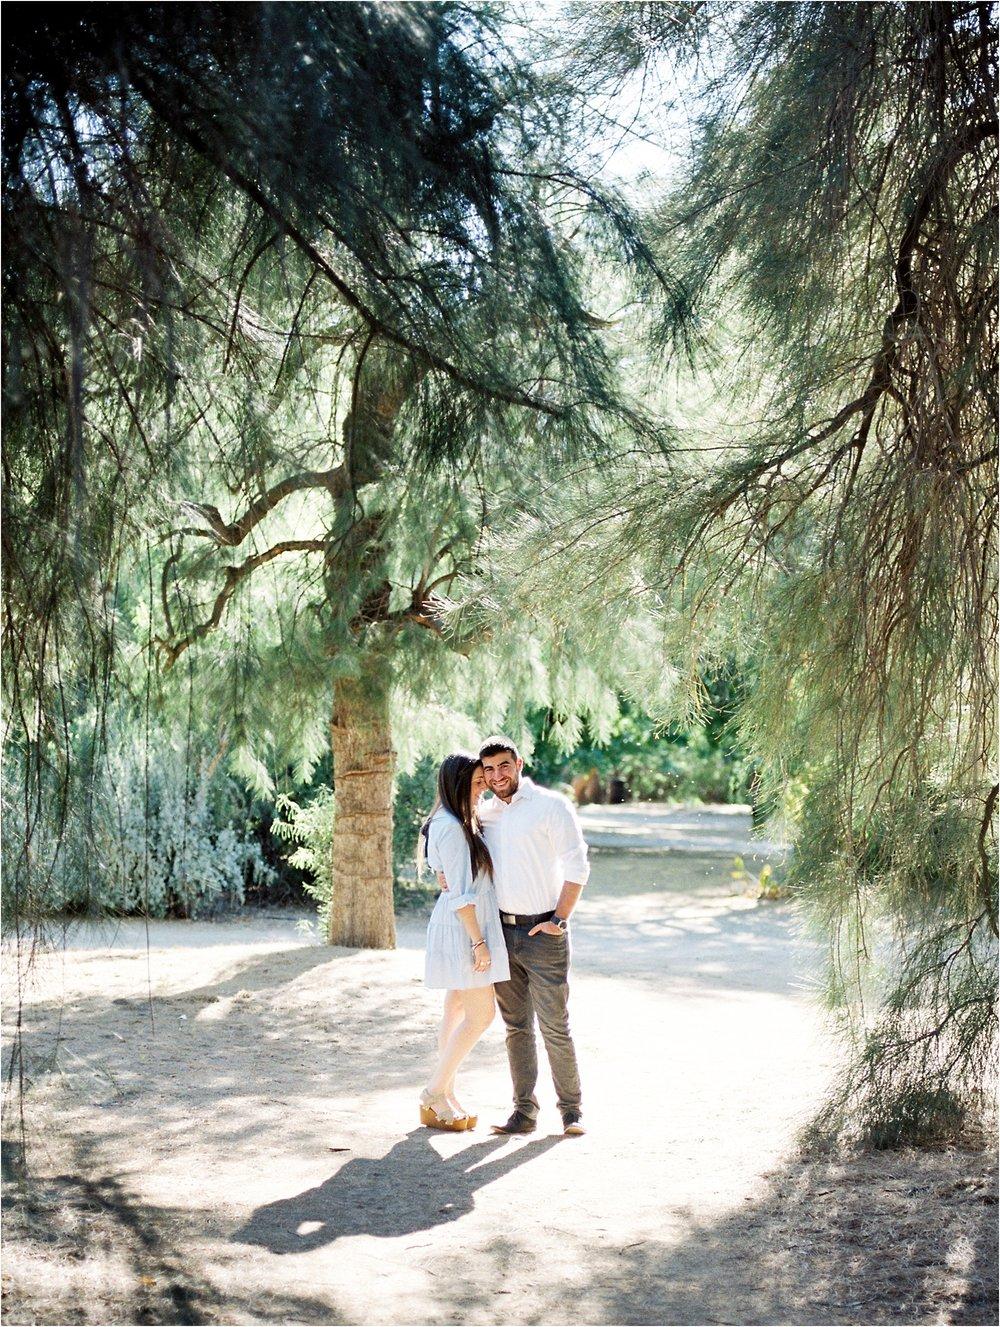 Sarah Jane Photography Film Hybrid Scottsdale Phoenix Arizona Destination Wedding Photographer Denise and Chase Engagement_0018.jpg